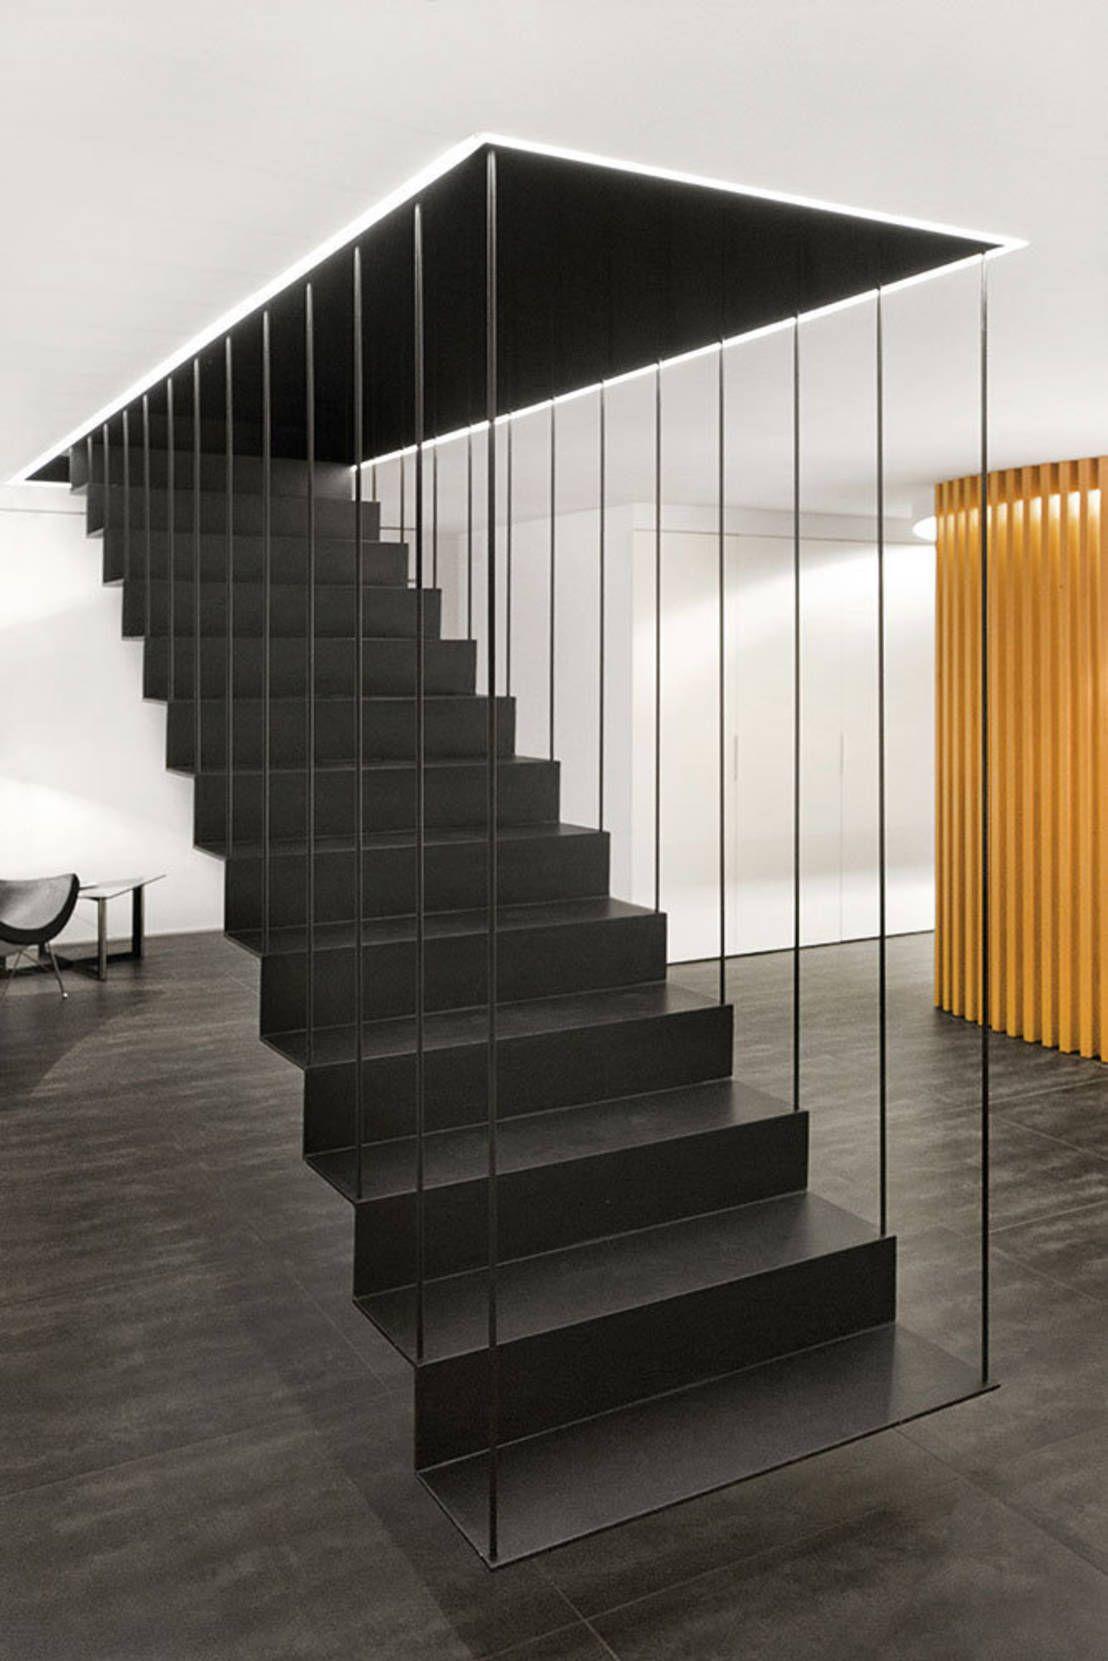 10 ideas para aprovechar el espacio bajo la escalera for Casa minimalista barcelona capital